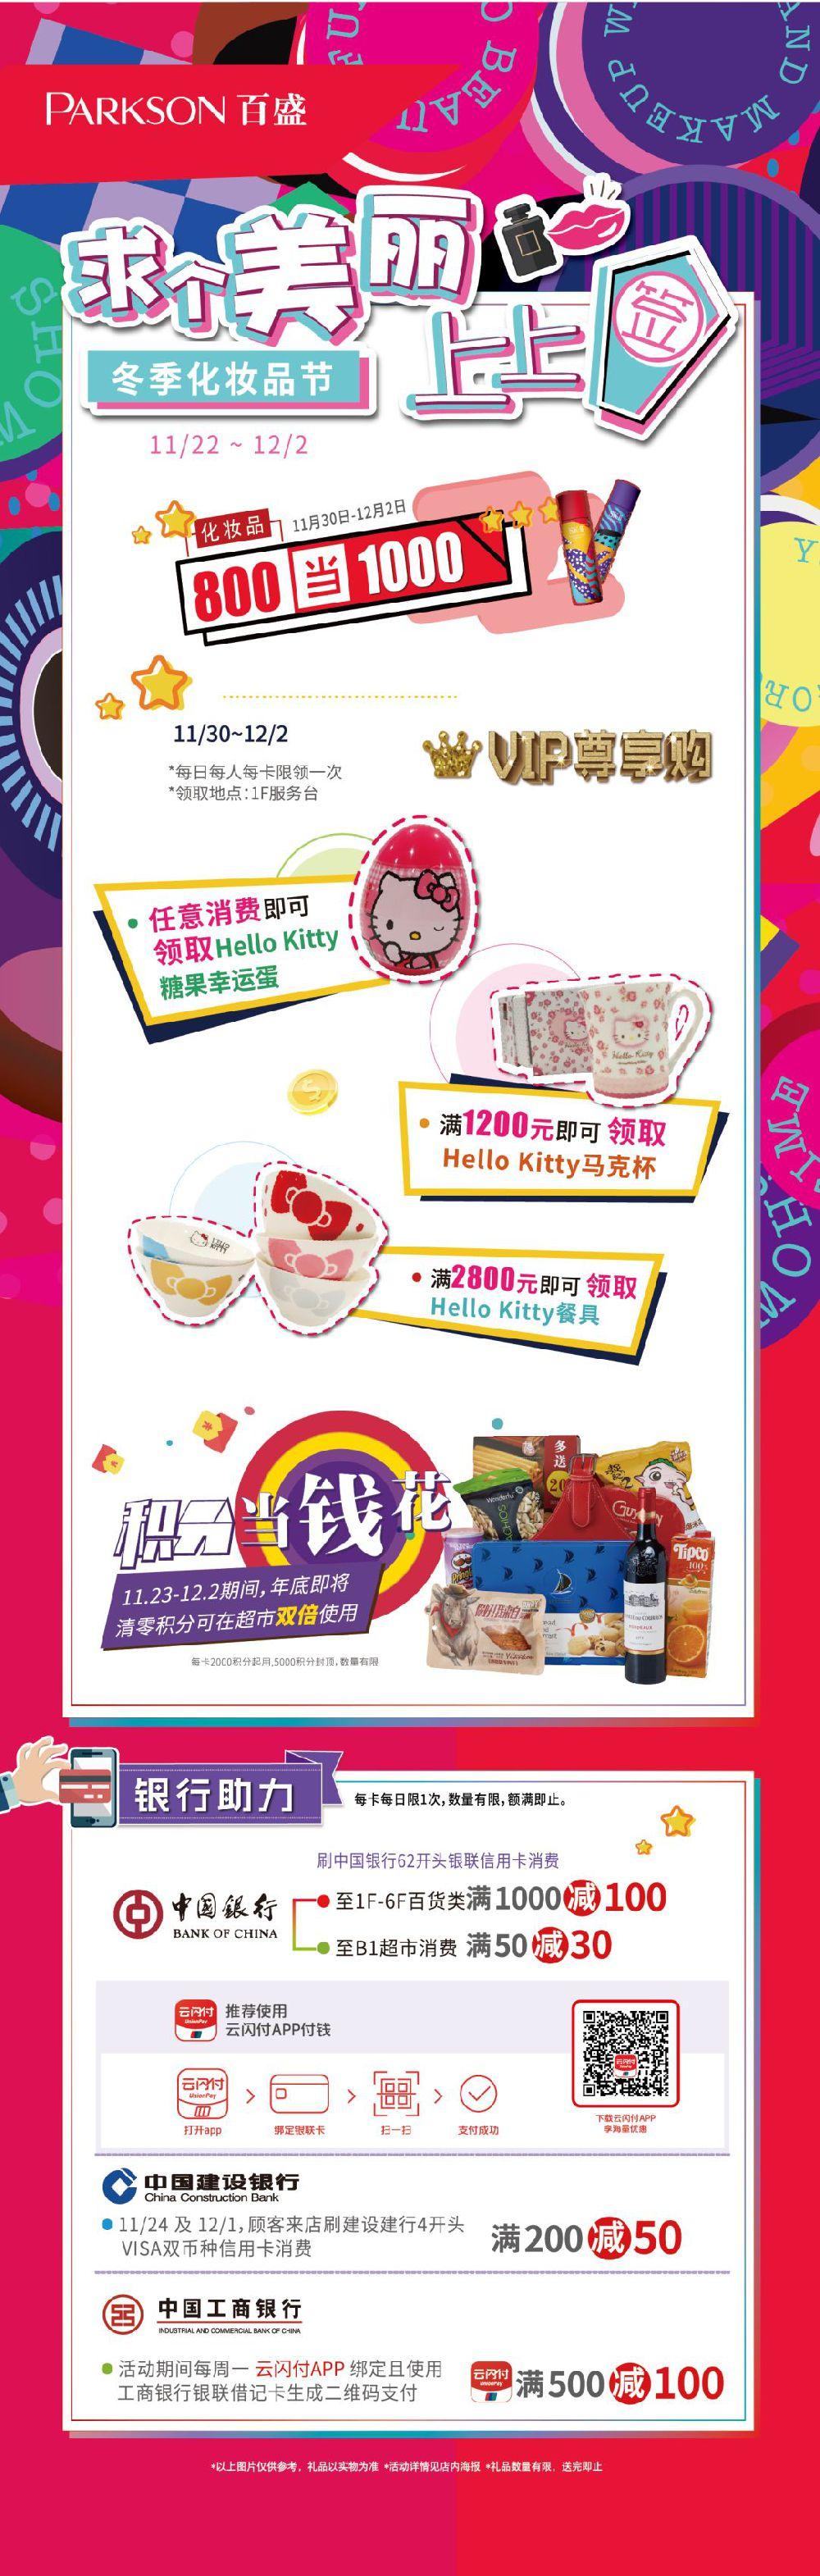 上海淮海百盛圣诞季 化妆品节满1000减200